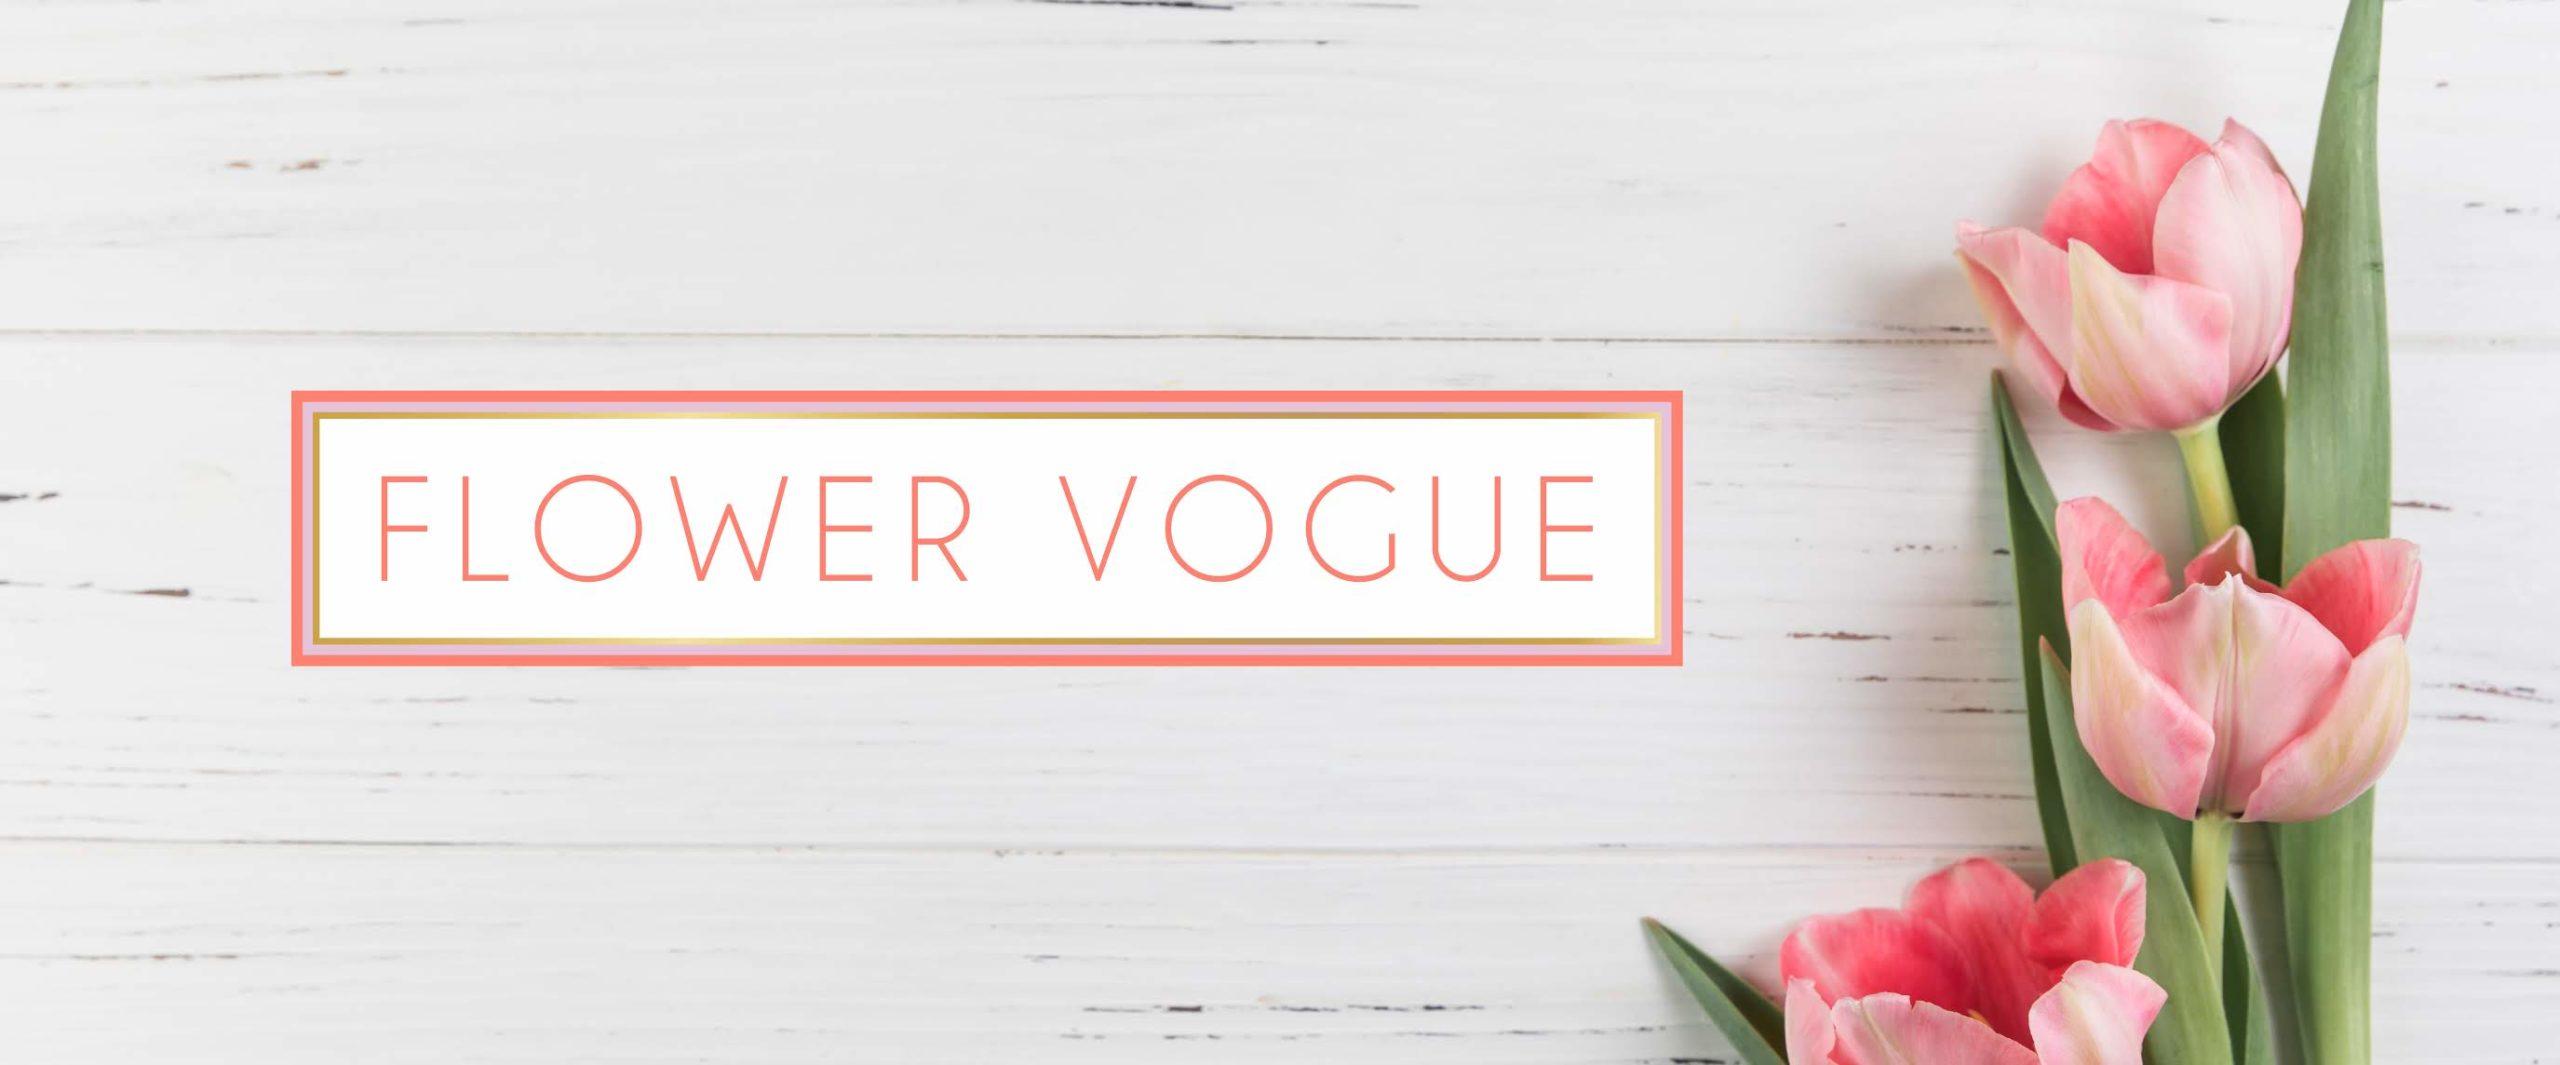 flower-vouge-banner11